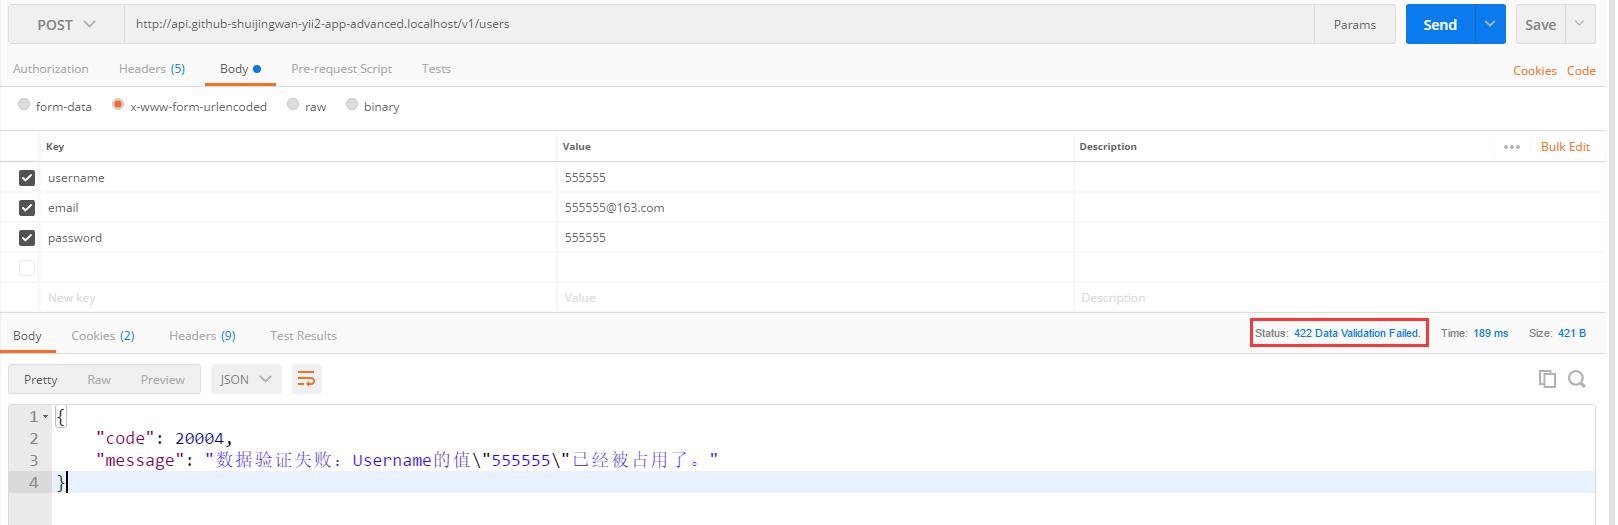 在 Postman 中,POST http://api.github-shuijingwan-yii2-app-advanced.localhost/v1/users ,参数保持原样,422响应